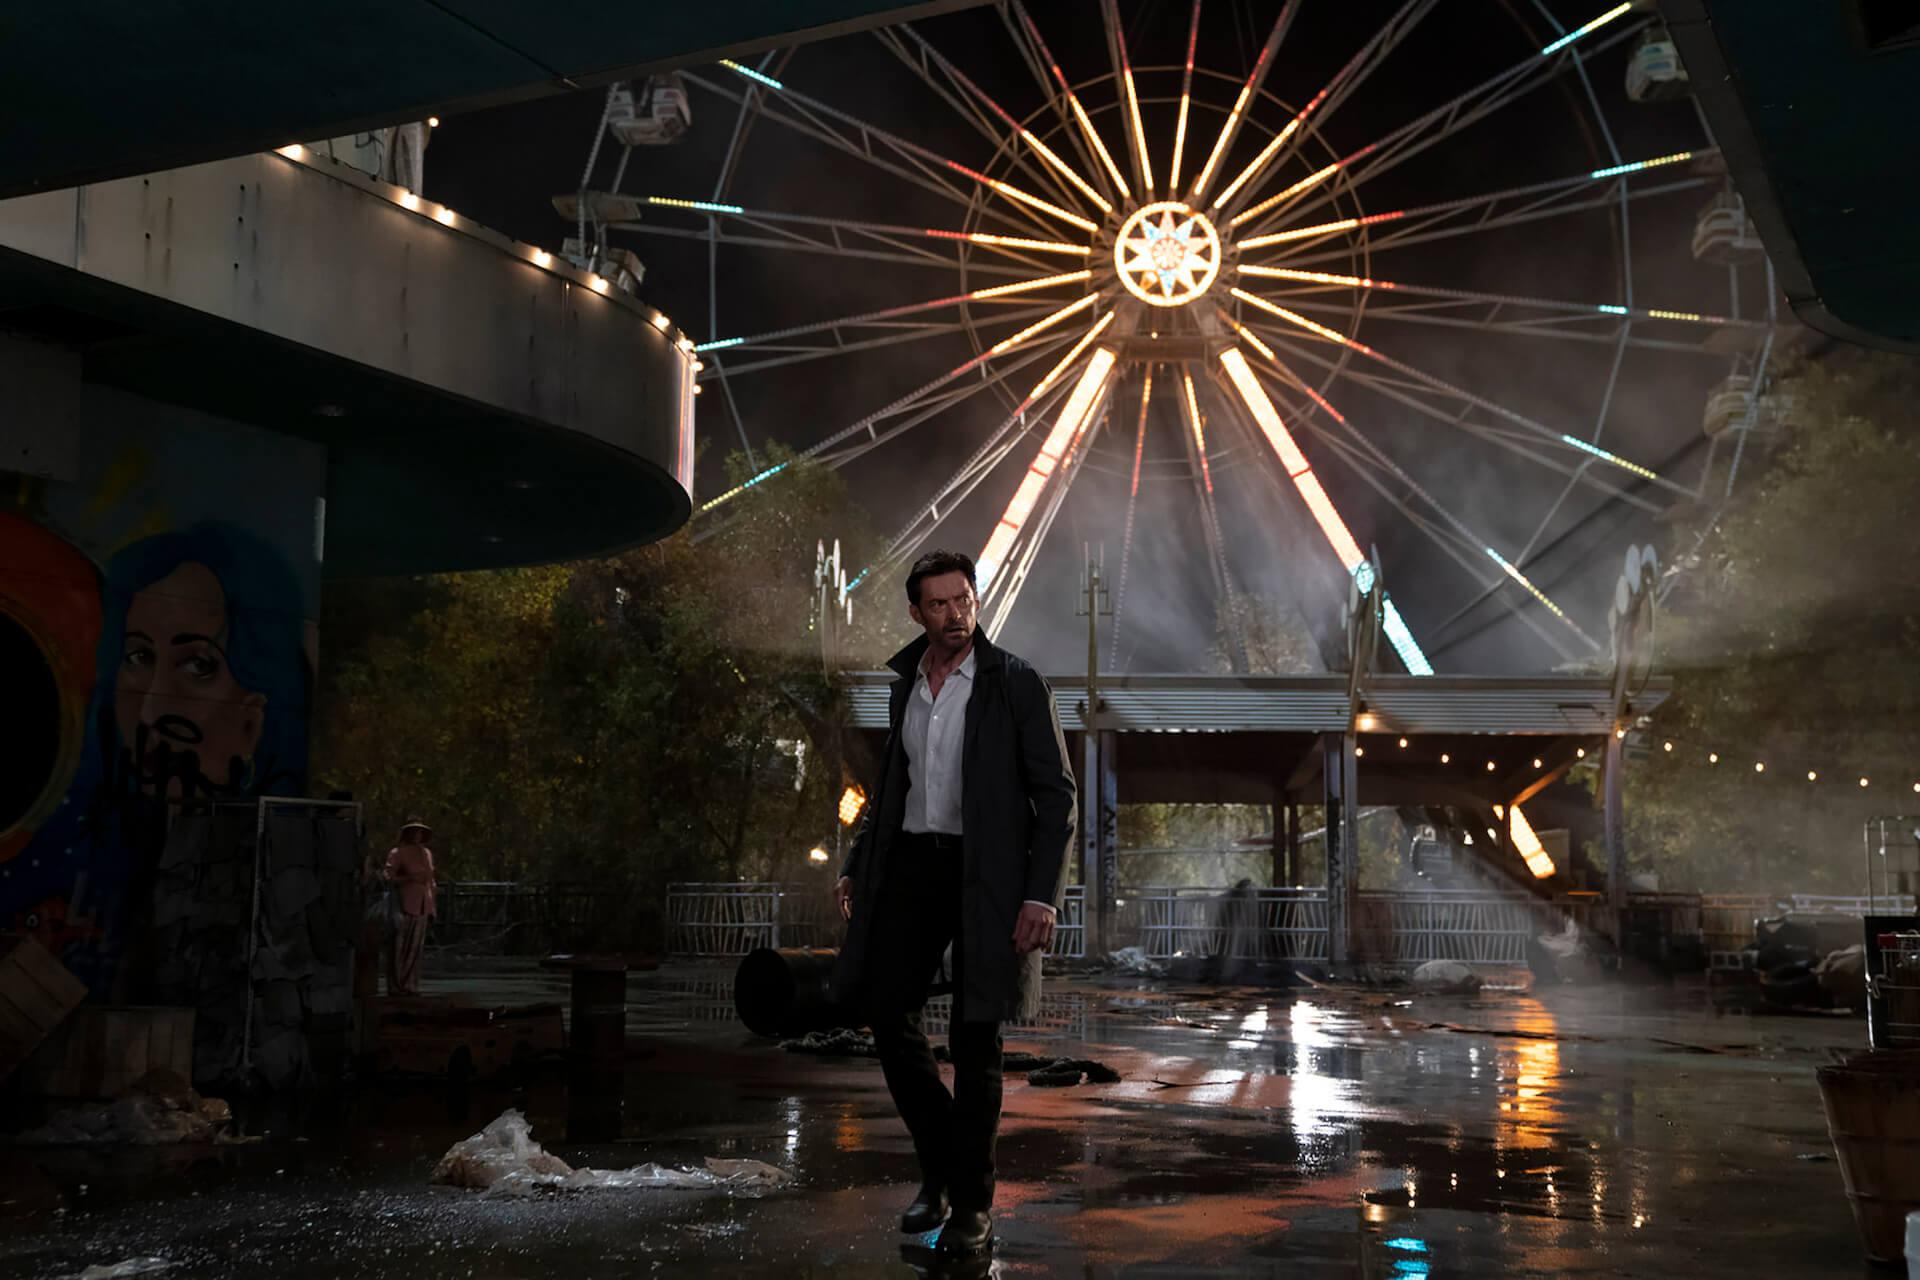 リサ・ジョイが幻想的な水没都市を描き出す!ヒュー・ジャックマン主演『レミニセンス』のメイキング映像が解禁 film210915_reminiscence_5